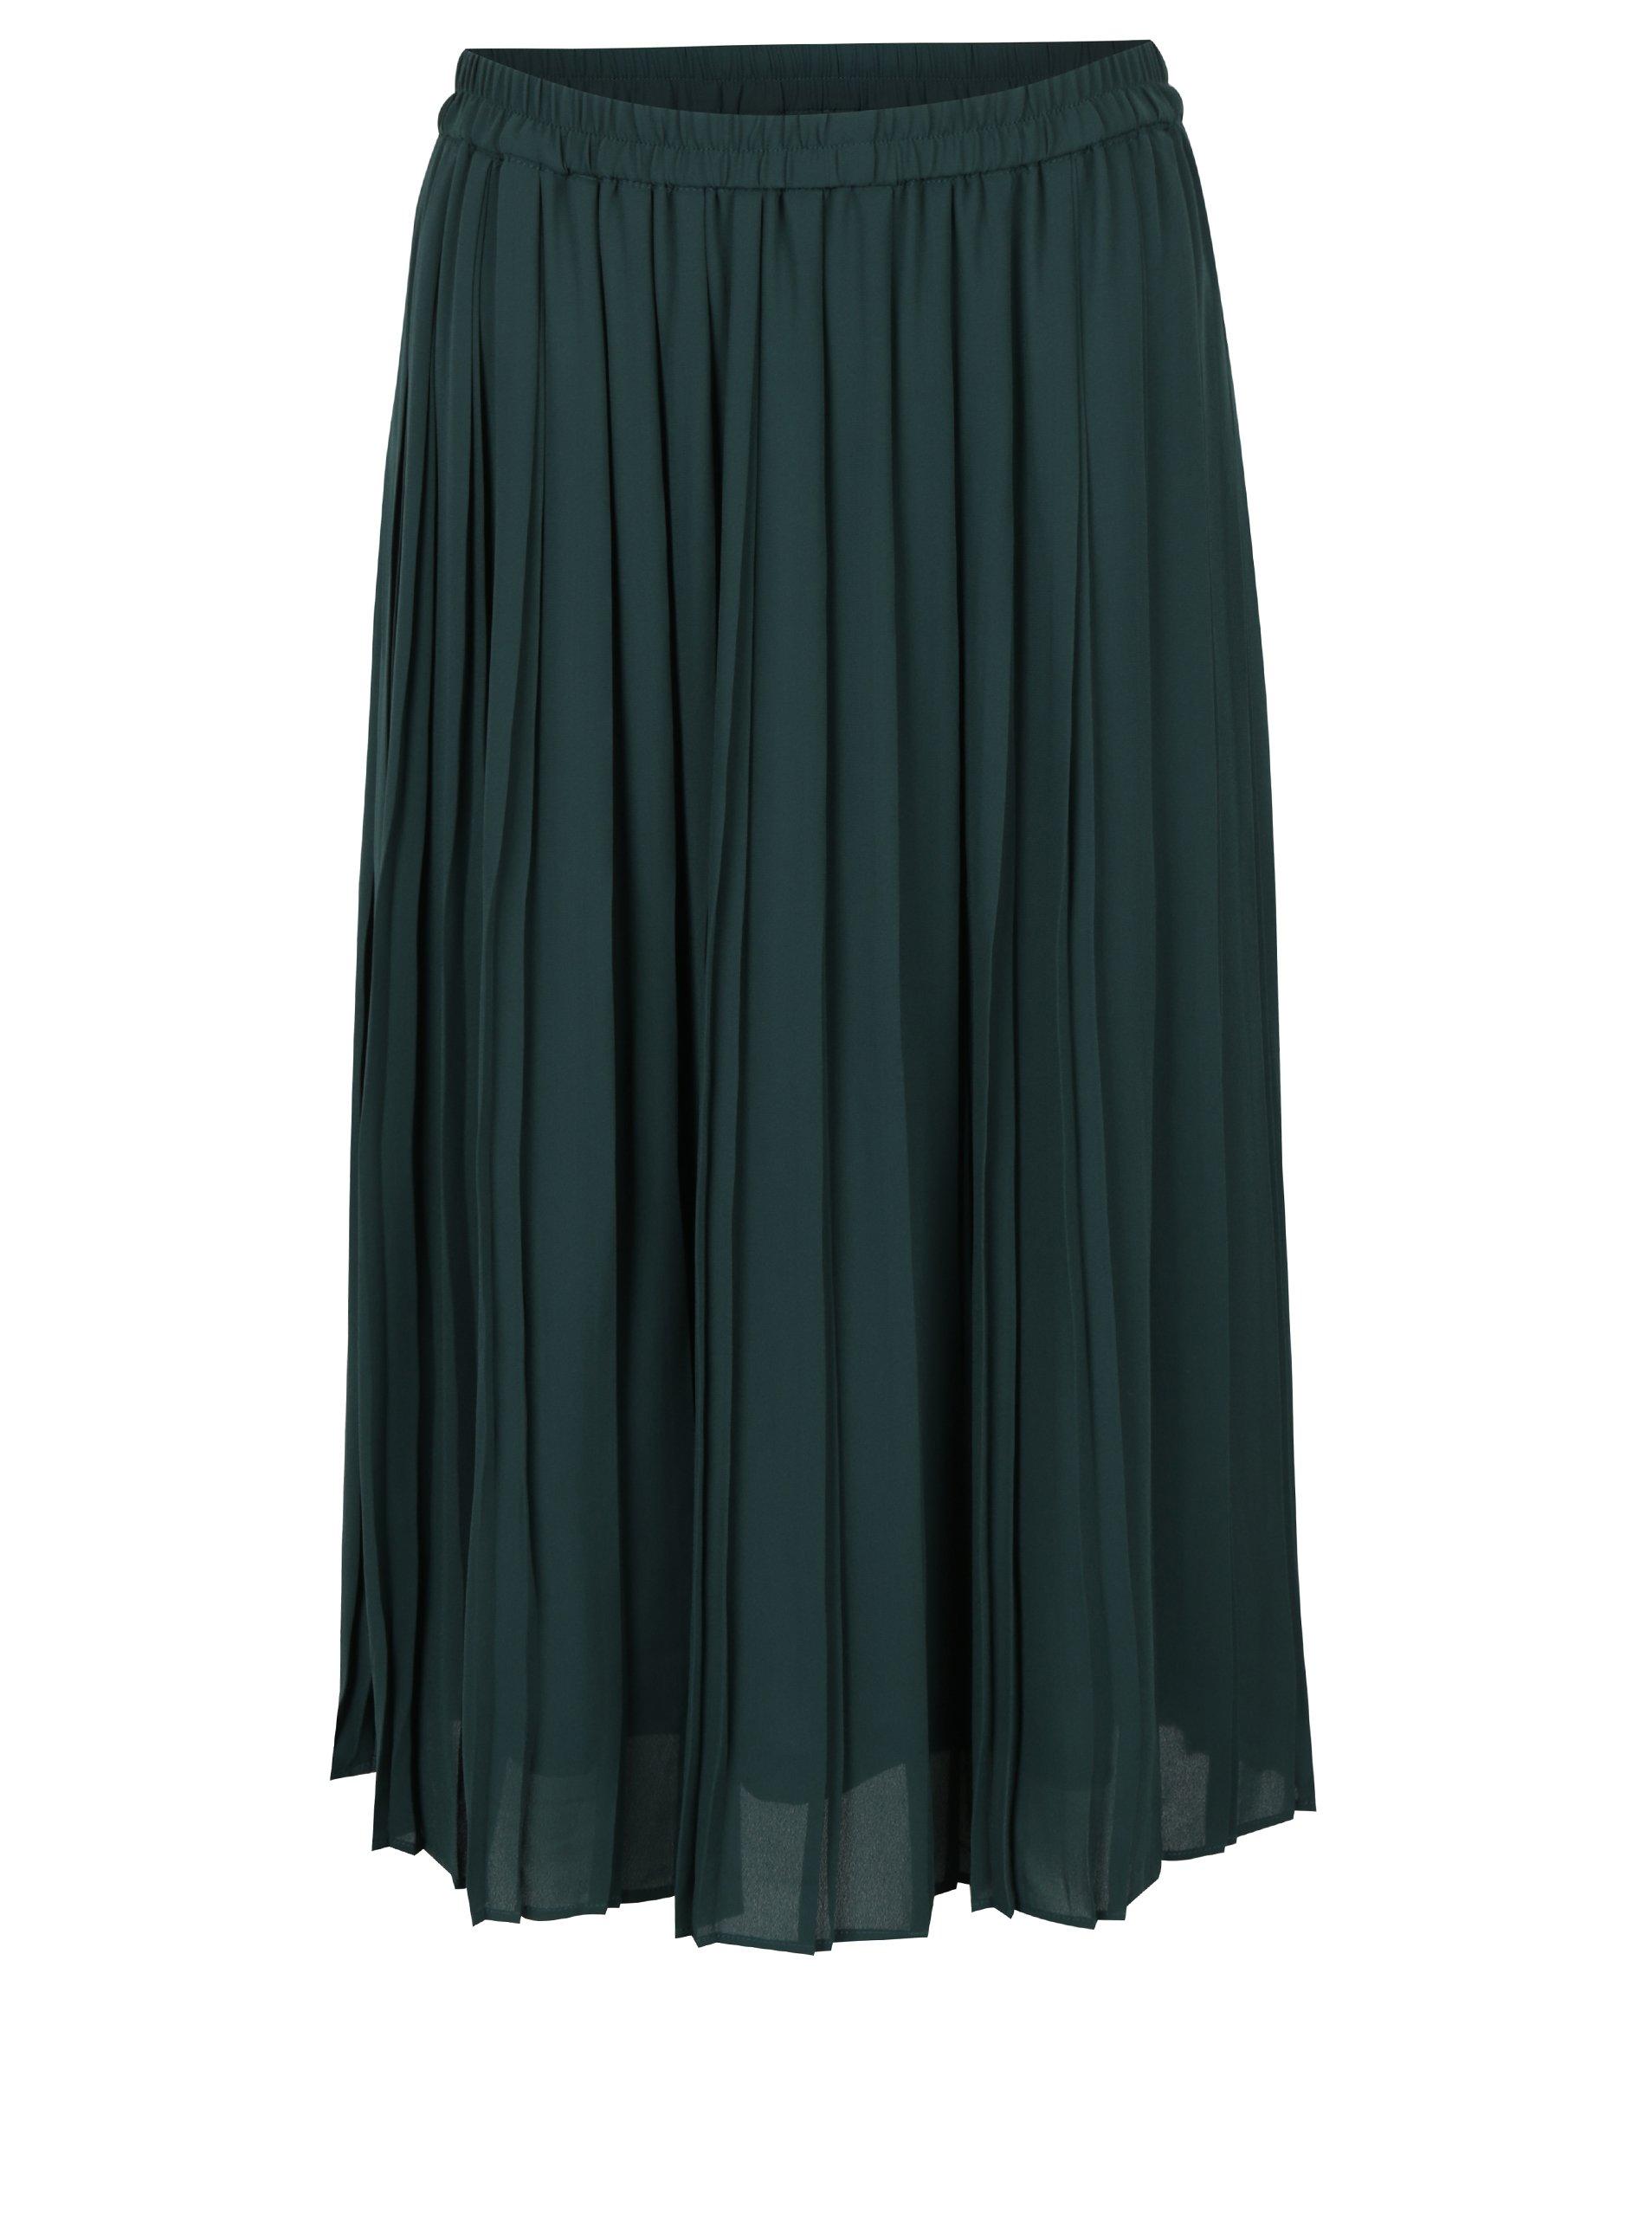 Tmavě zelená plisovaná midi sukně VERO MODA Swing